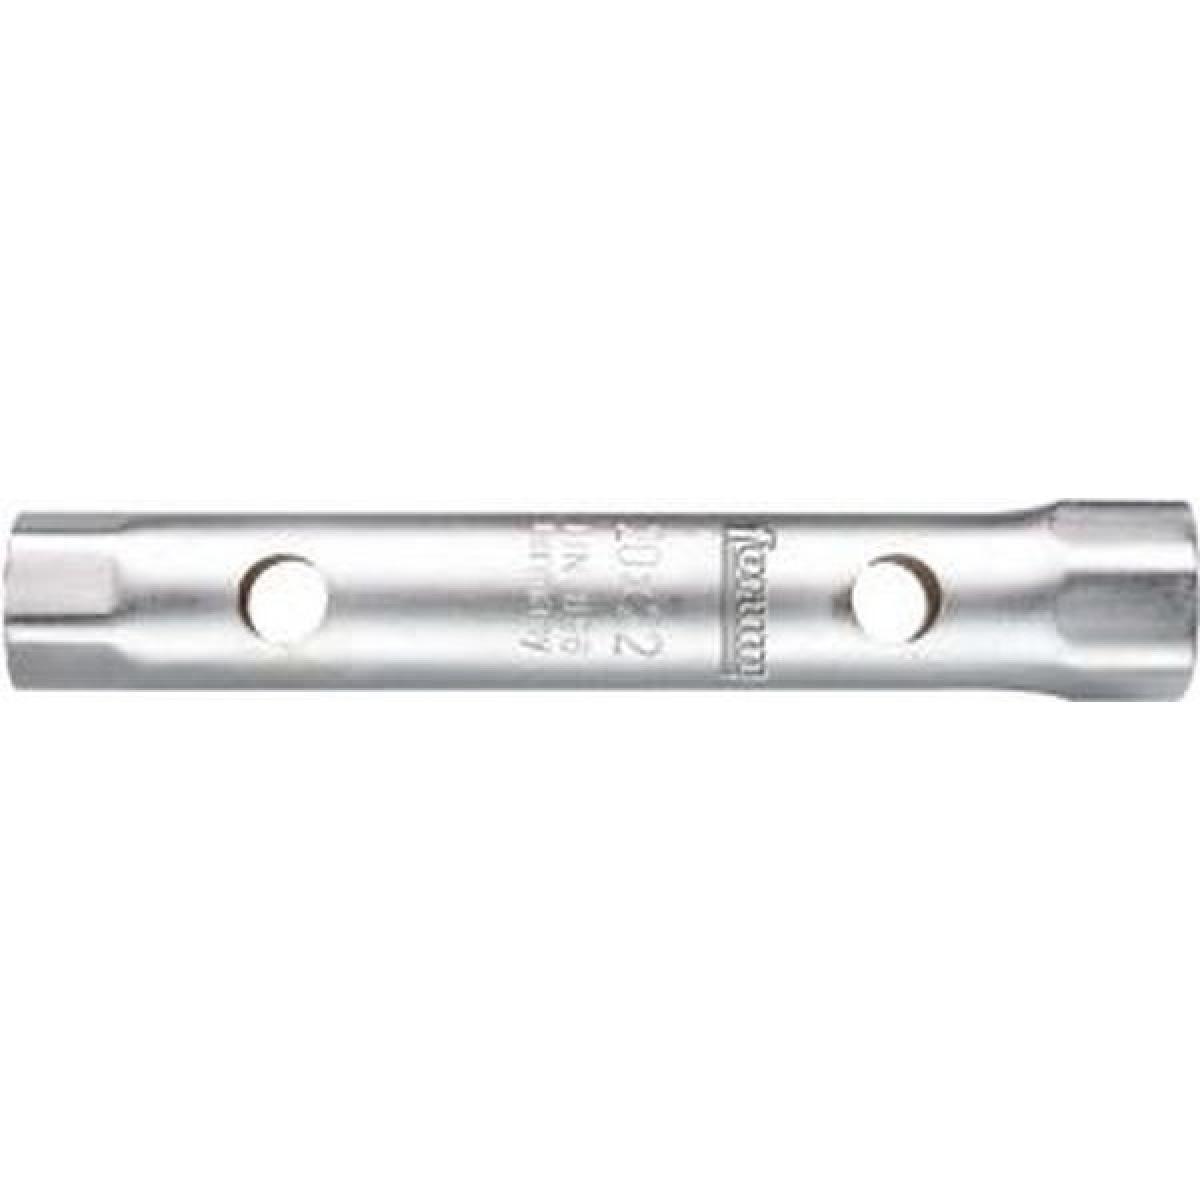 Forum Clé tube, Cote s/plats : 46 x 50 mm, Long. 245 mm, Pour Ø de broche 20 mm